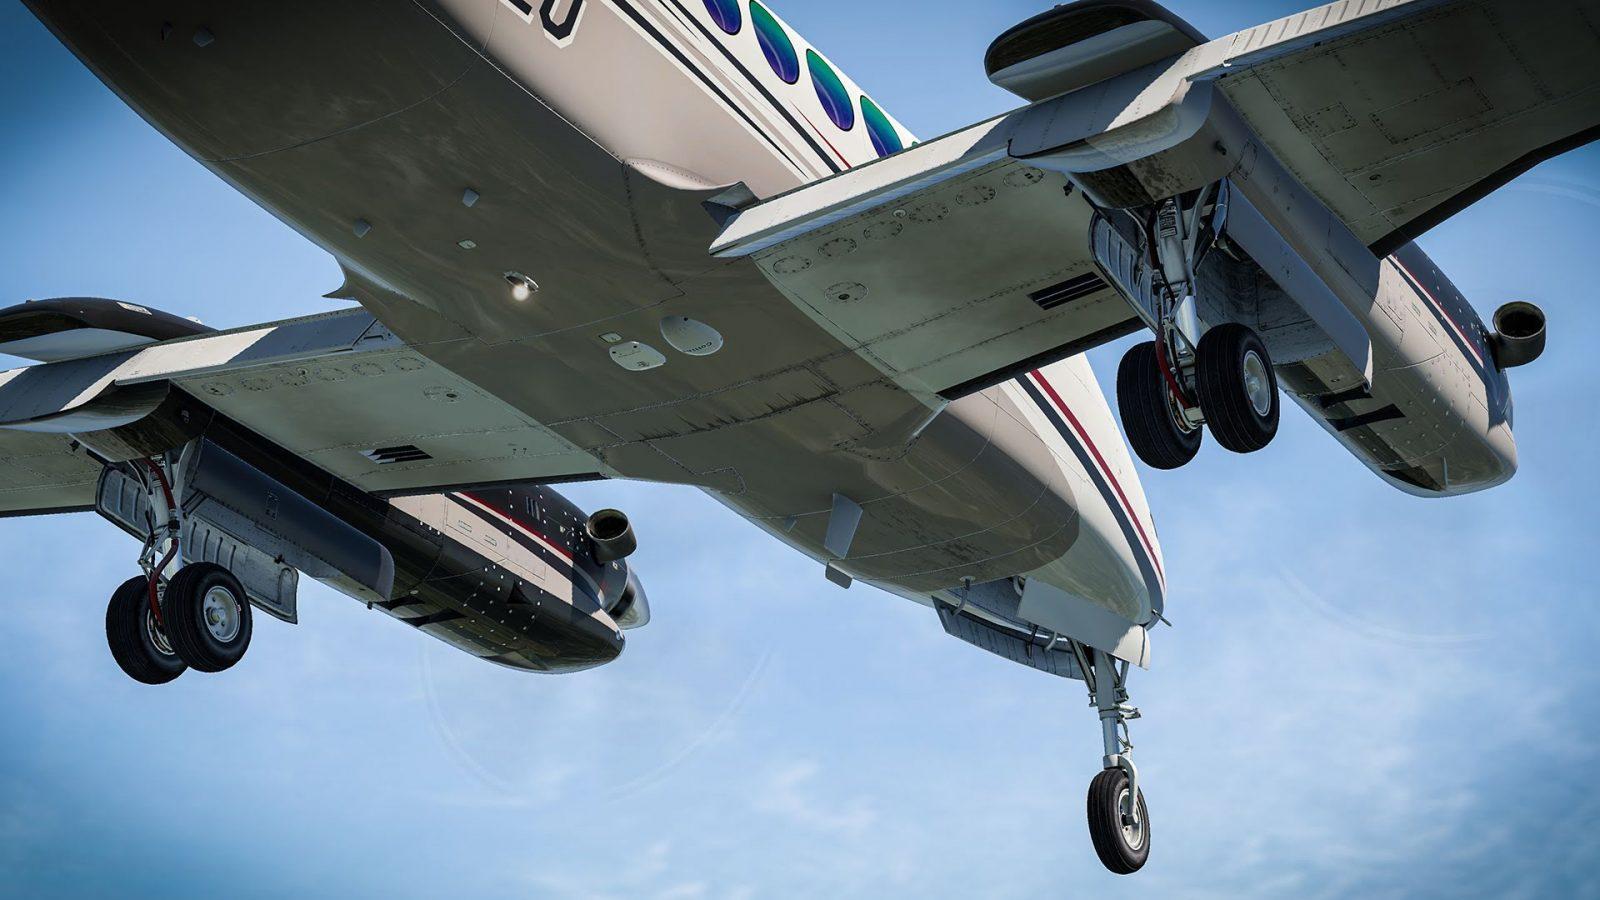 airfoillabs-king-air-350-4-1600x900.jpg